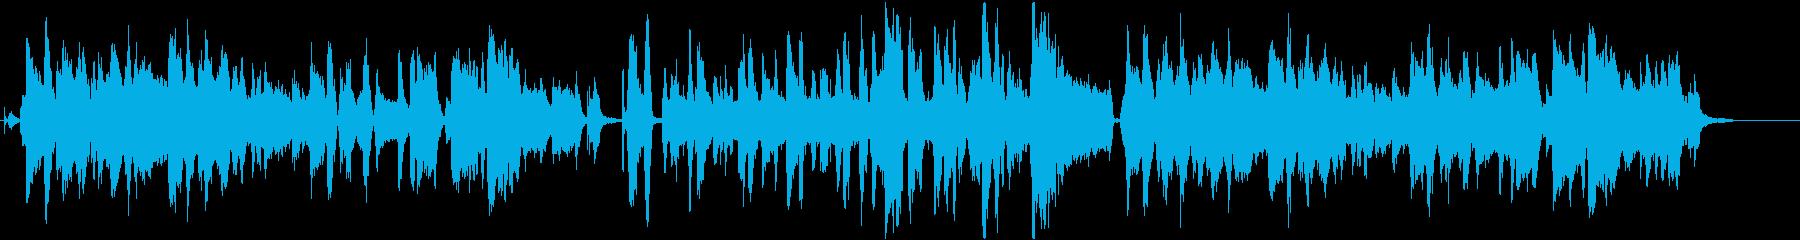 おはぎをテーマにした楽曲の再生済みの波形